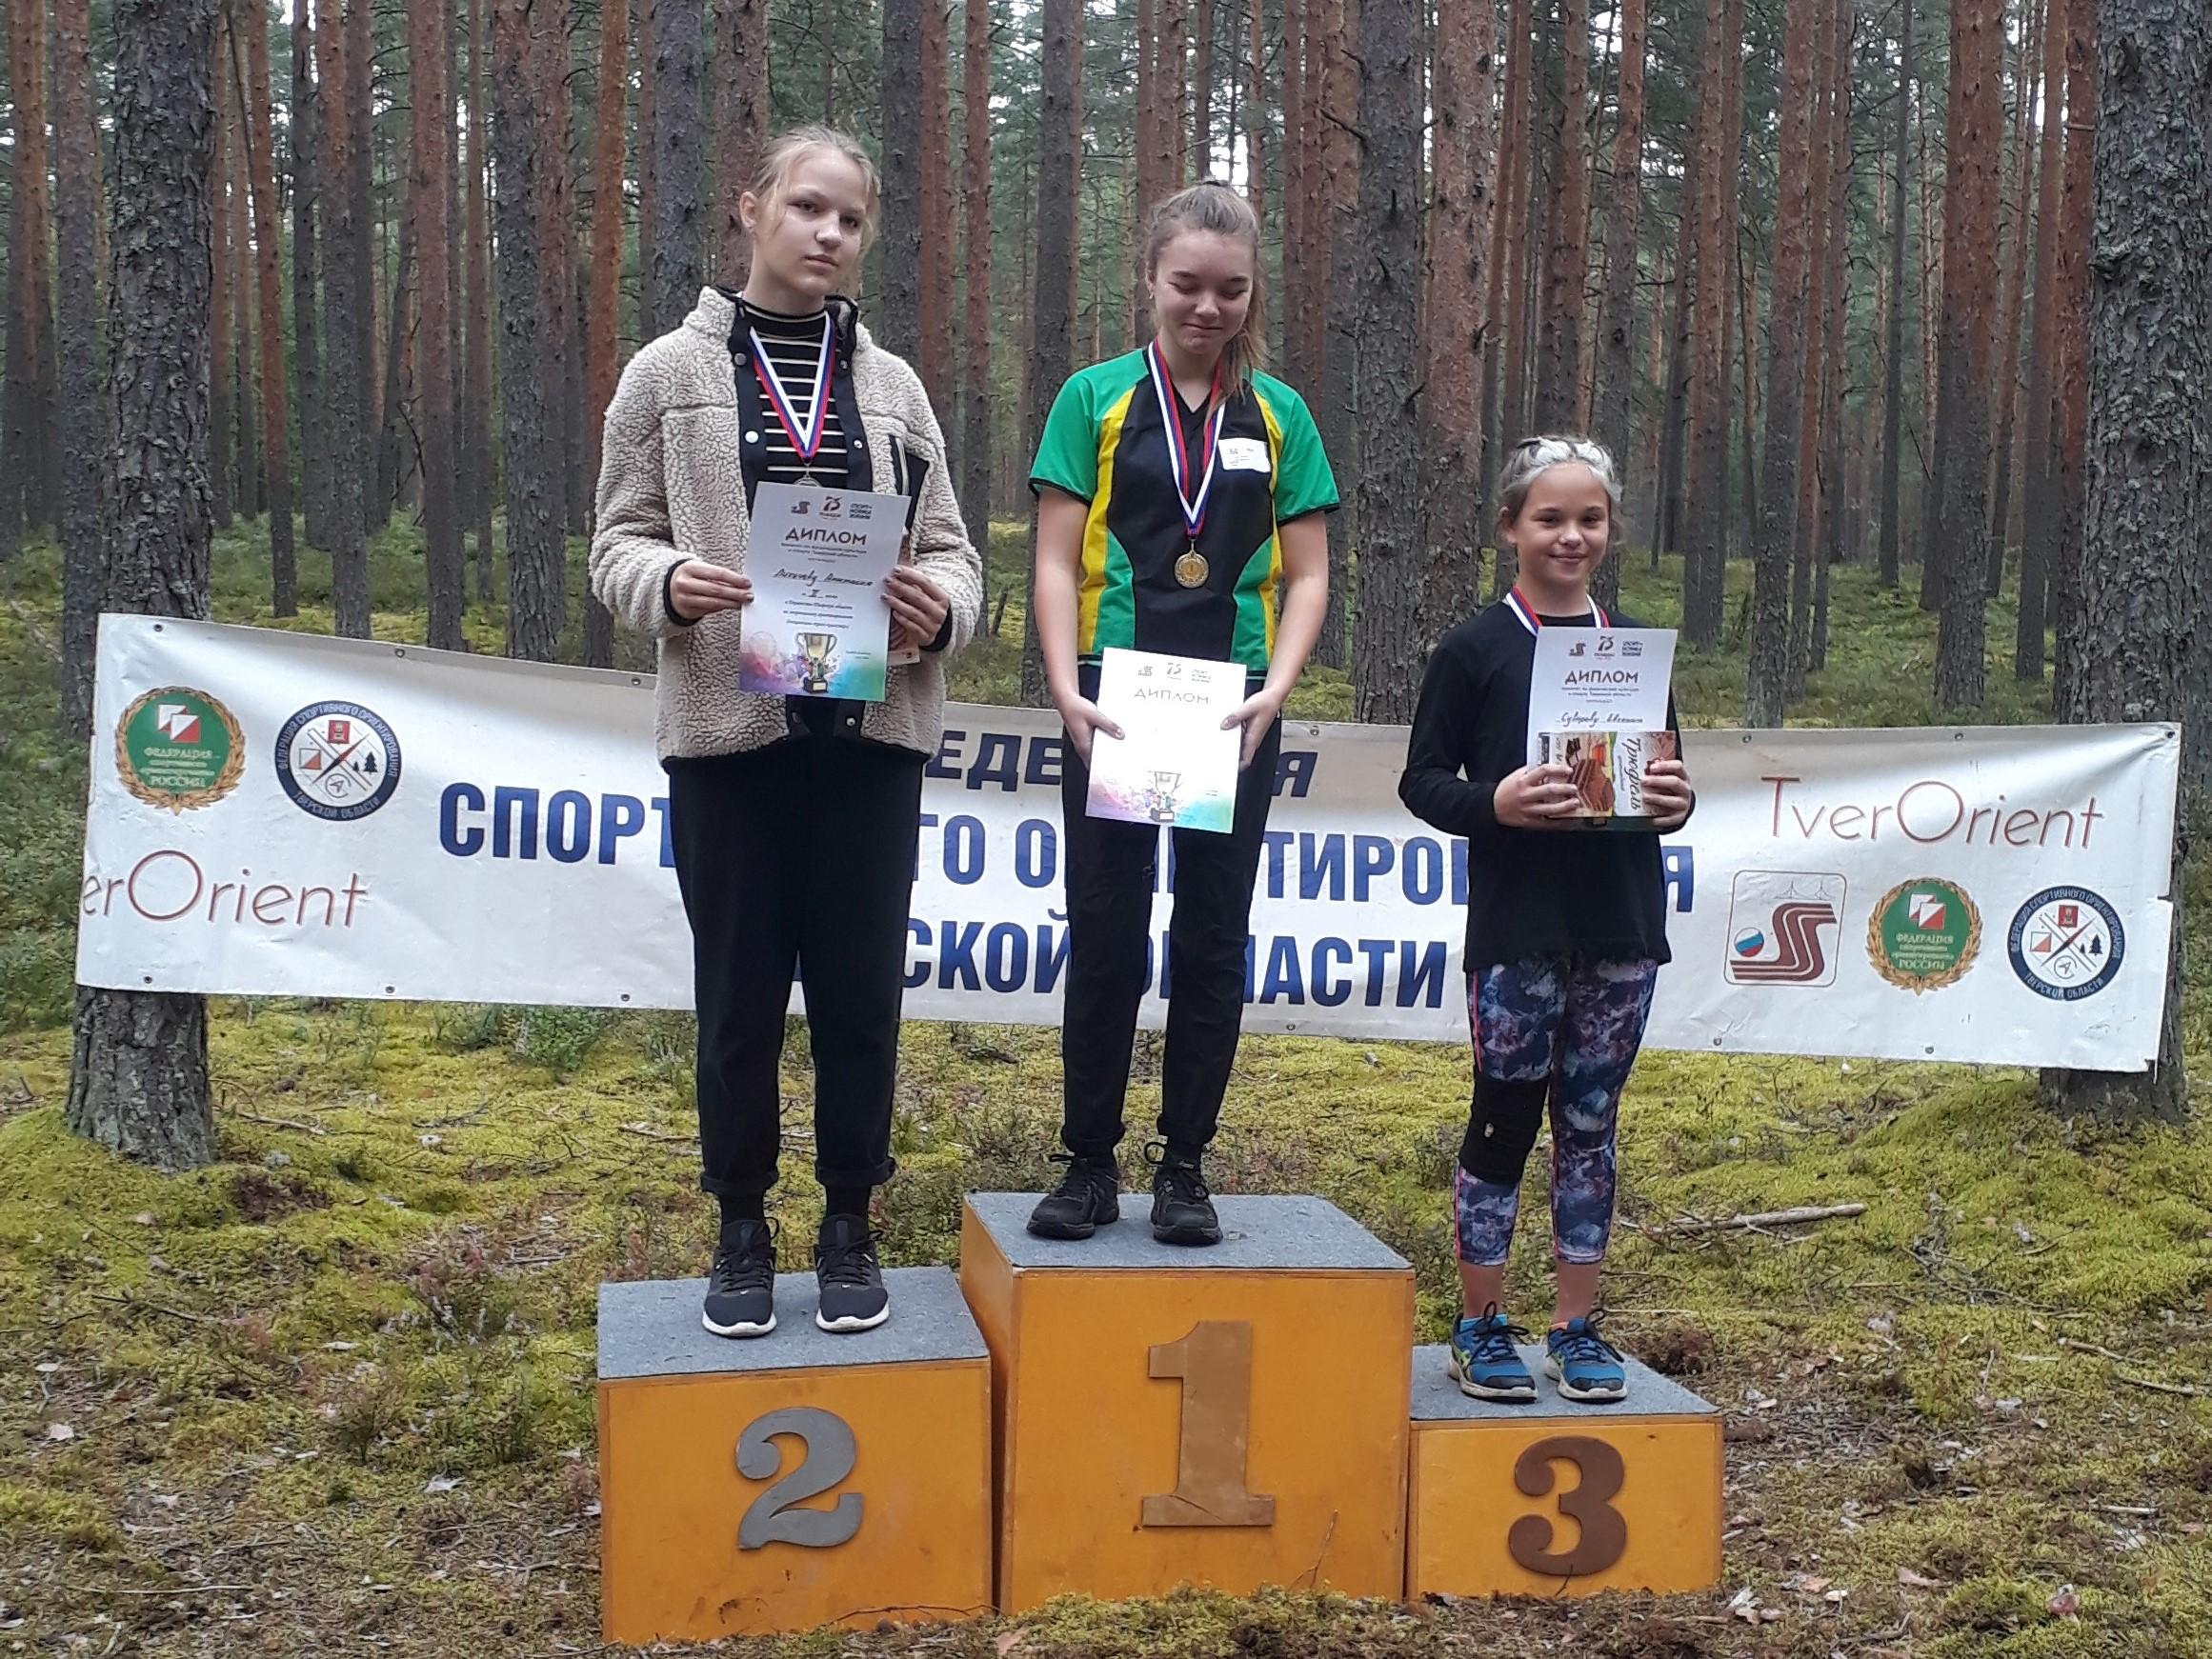 Лучших спортсменов по спортивному ориентированию определили в Тверской области